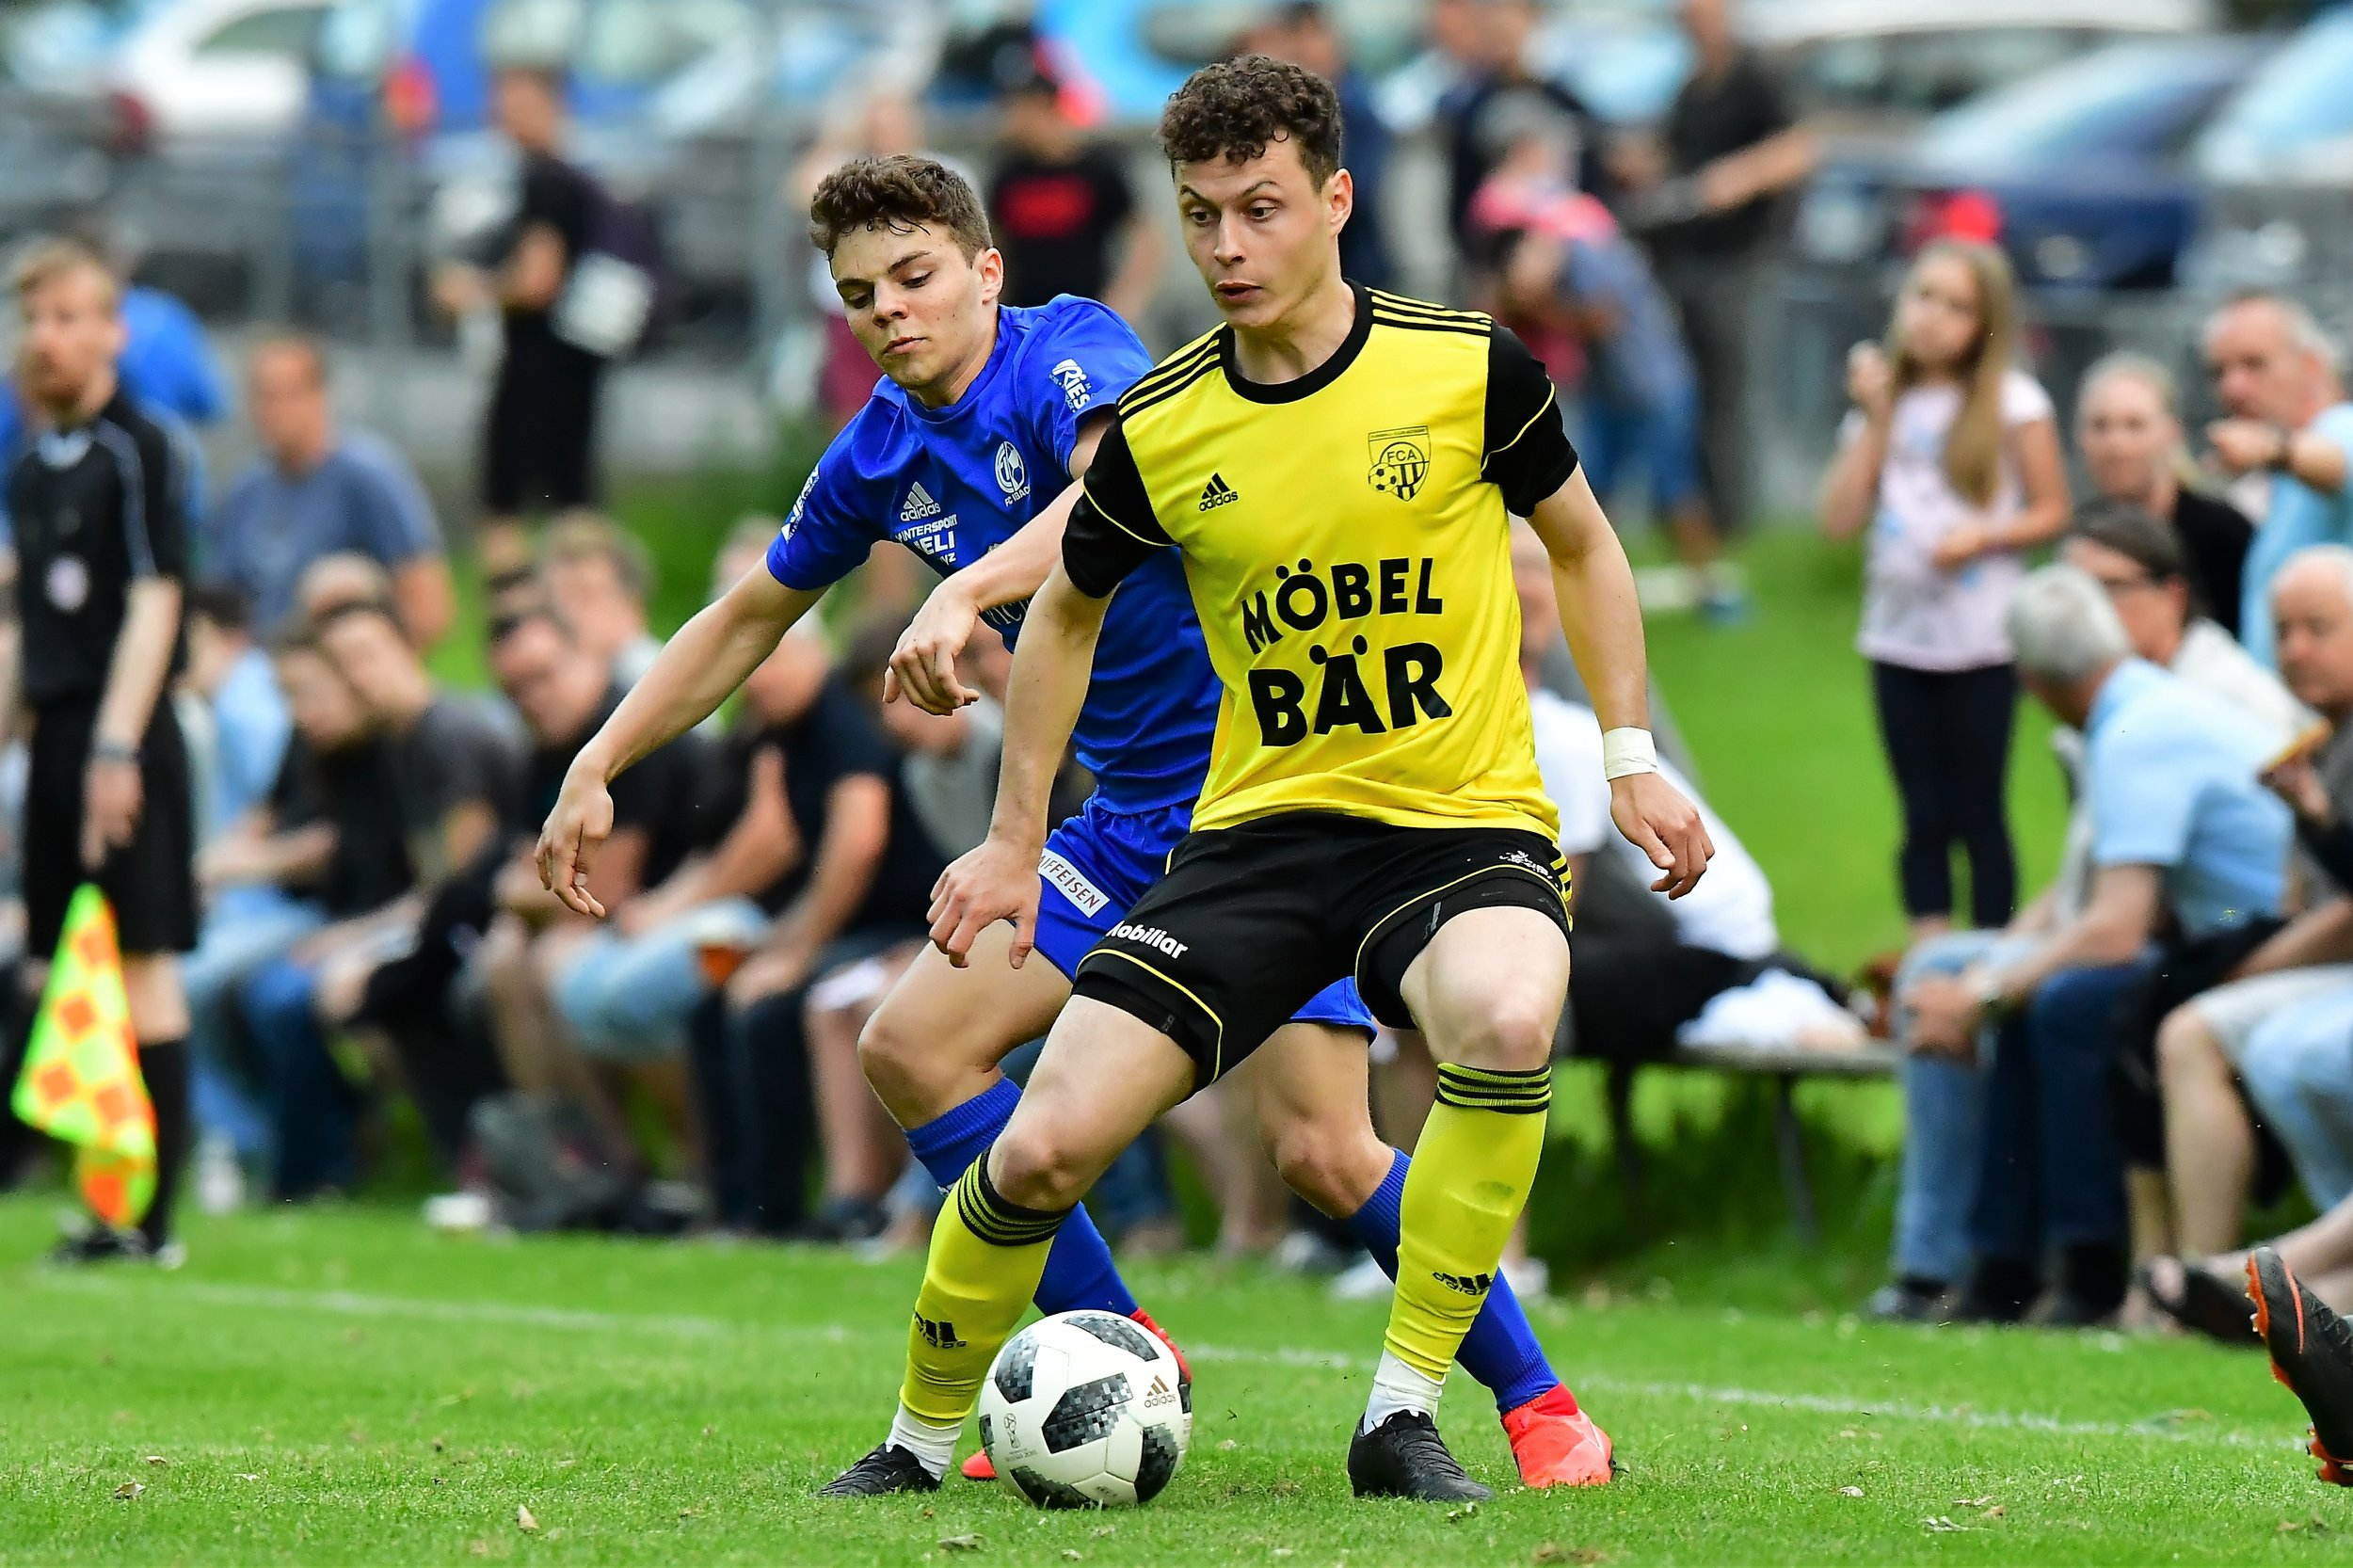 Cédric Gisler und Altdorf verlieren auch das kapitale Heimspiel gegen Ibach.  Foto: topsportfotografie.ch